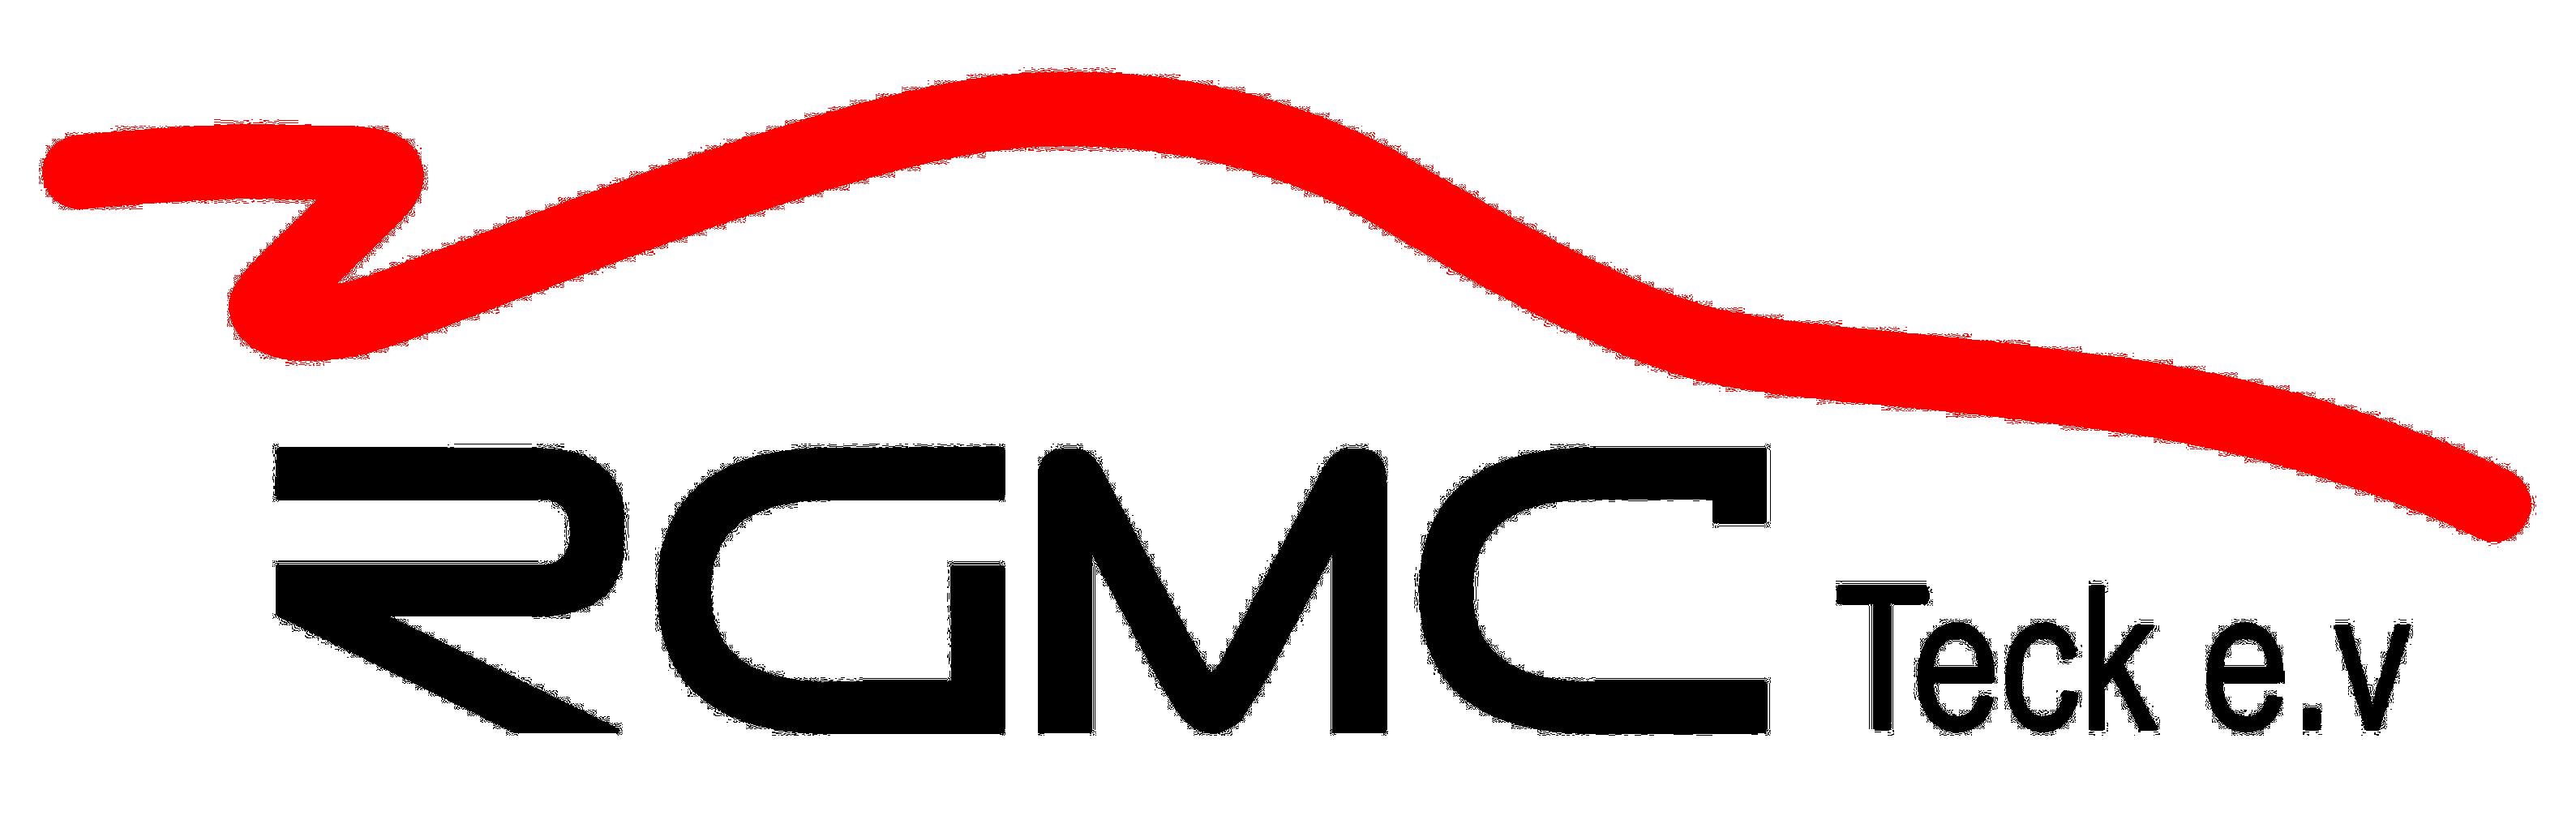 Vereinsologo